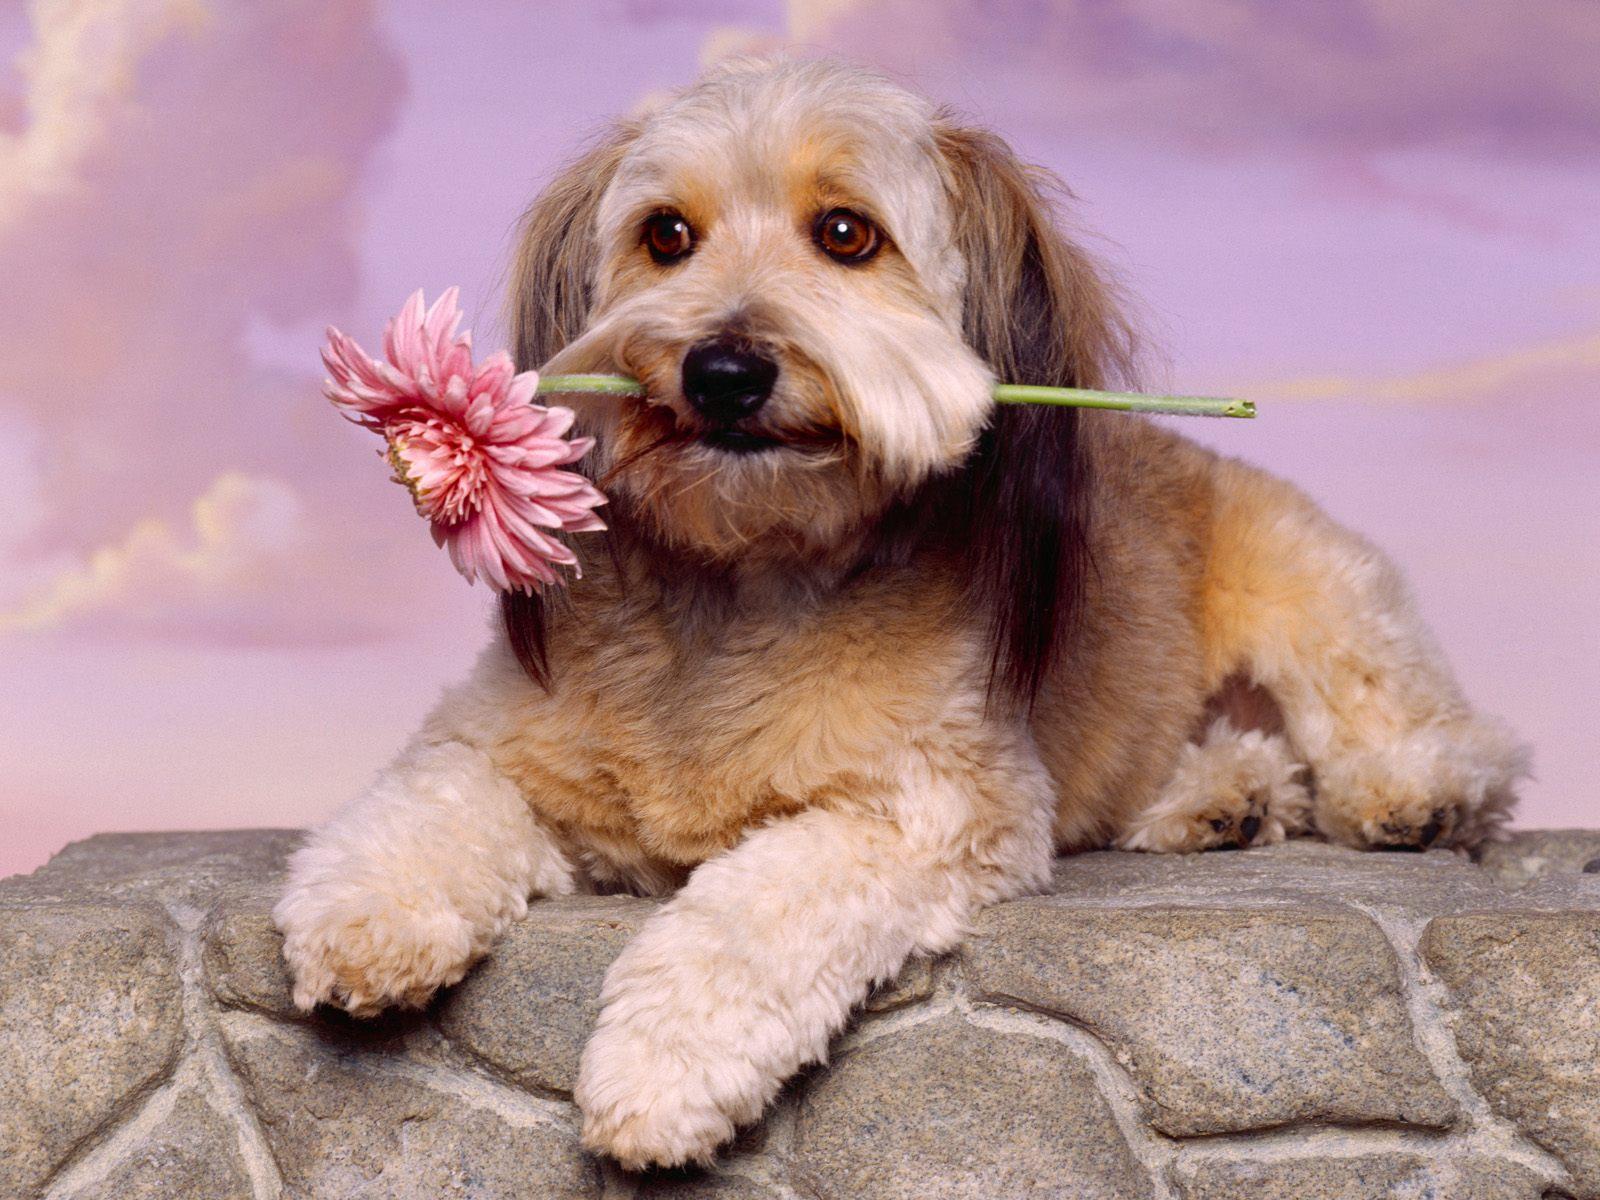 Mooie achtergrond van een hond met een bloem in zijn bek